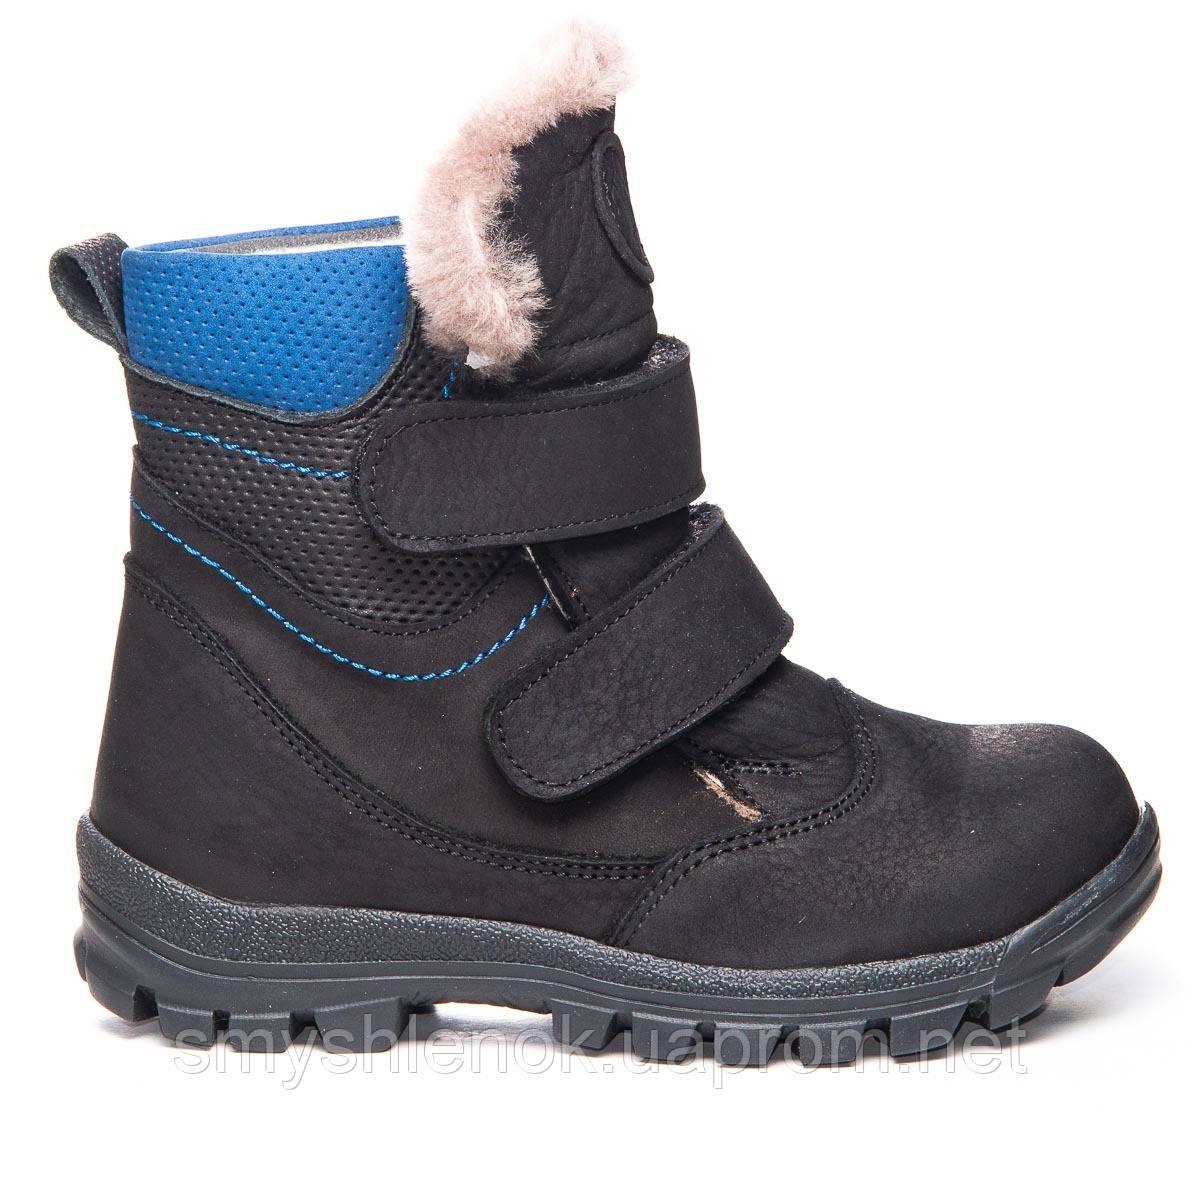 Ботинки Theo Leo RN1054 39 25.5 см Черные